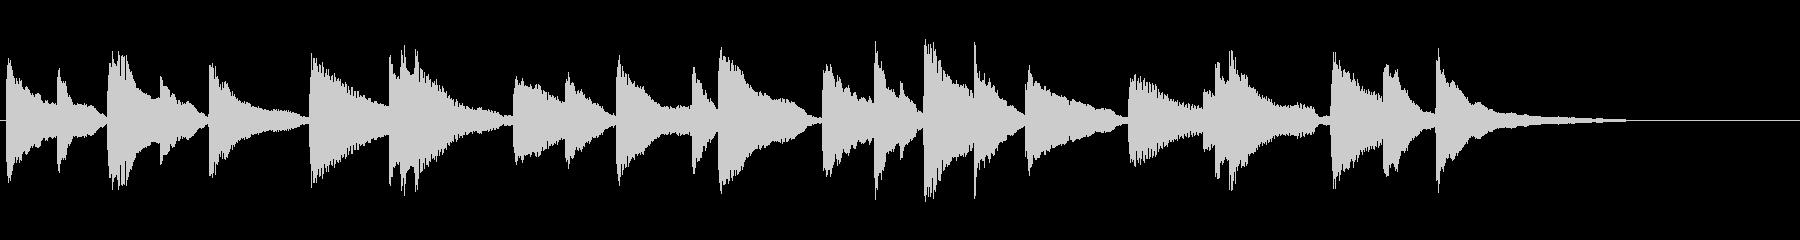 切ないピアノジングルの未再生の波形